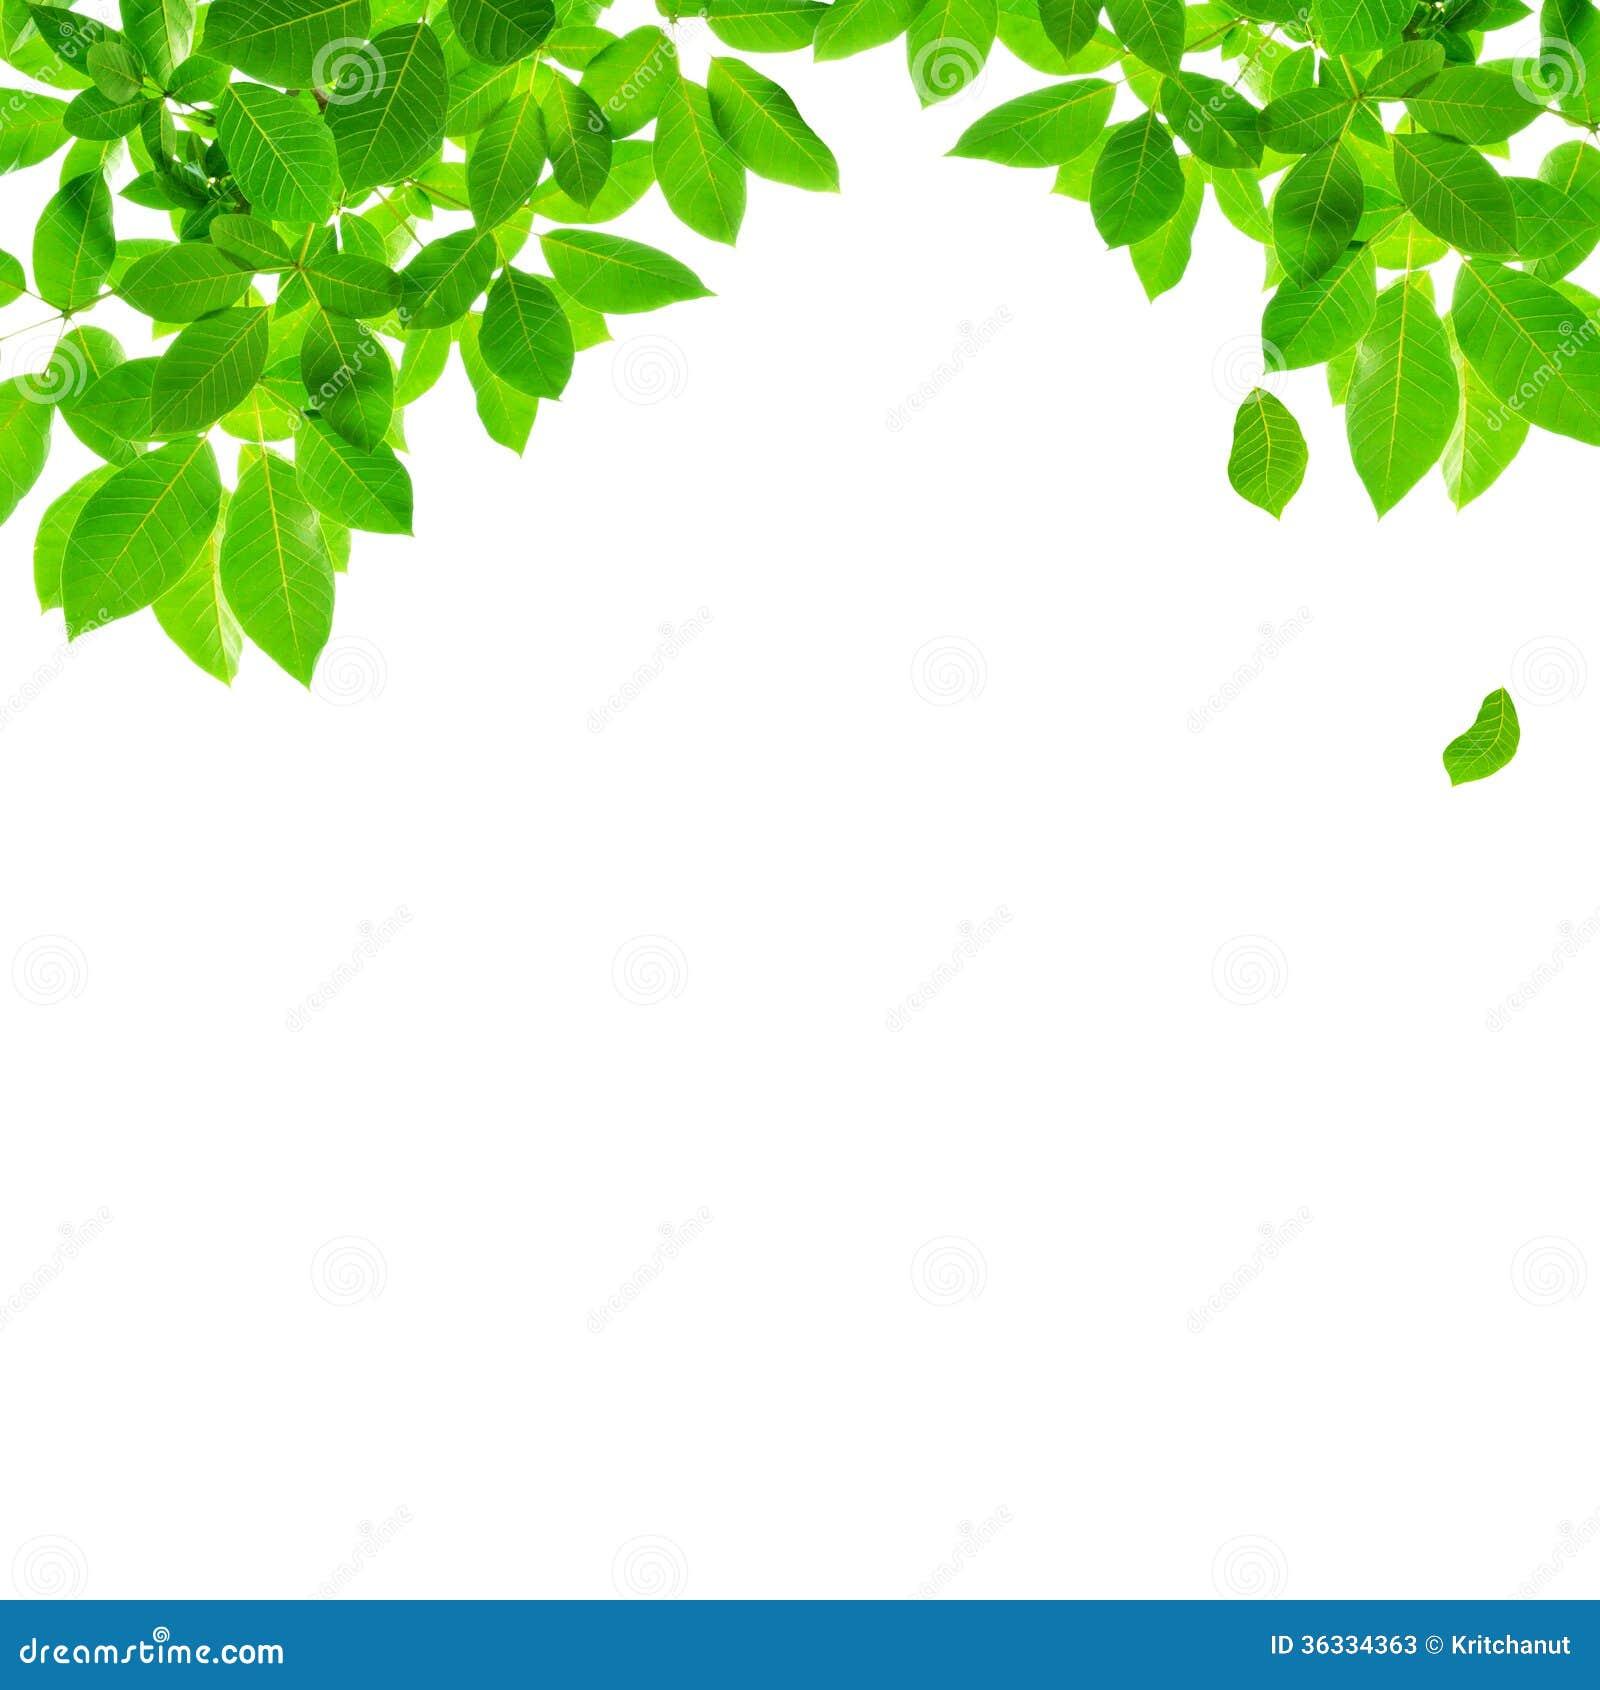 Green Leaf Border Design Stock Image Image Of Spring